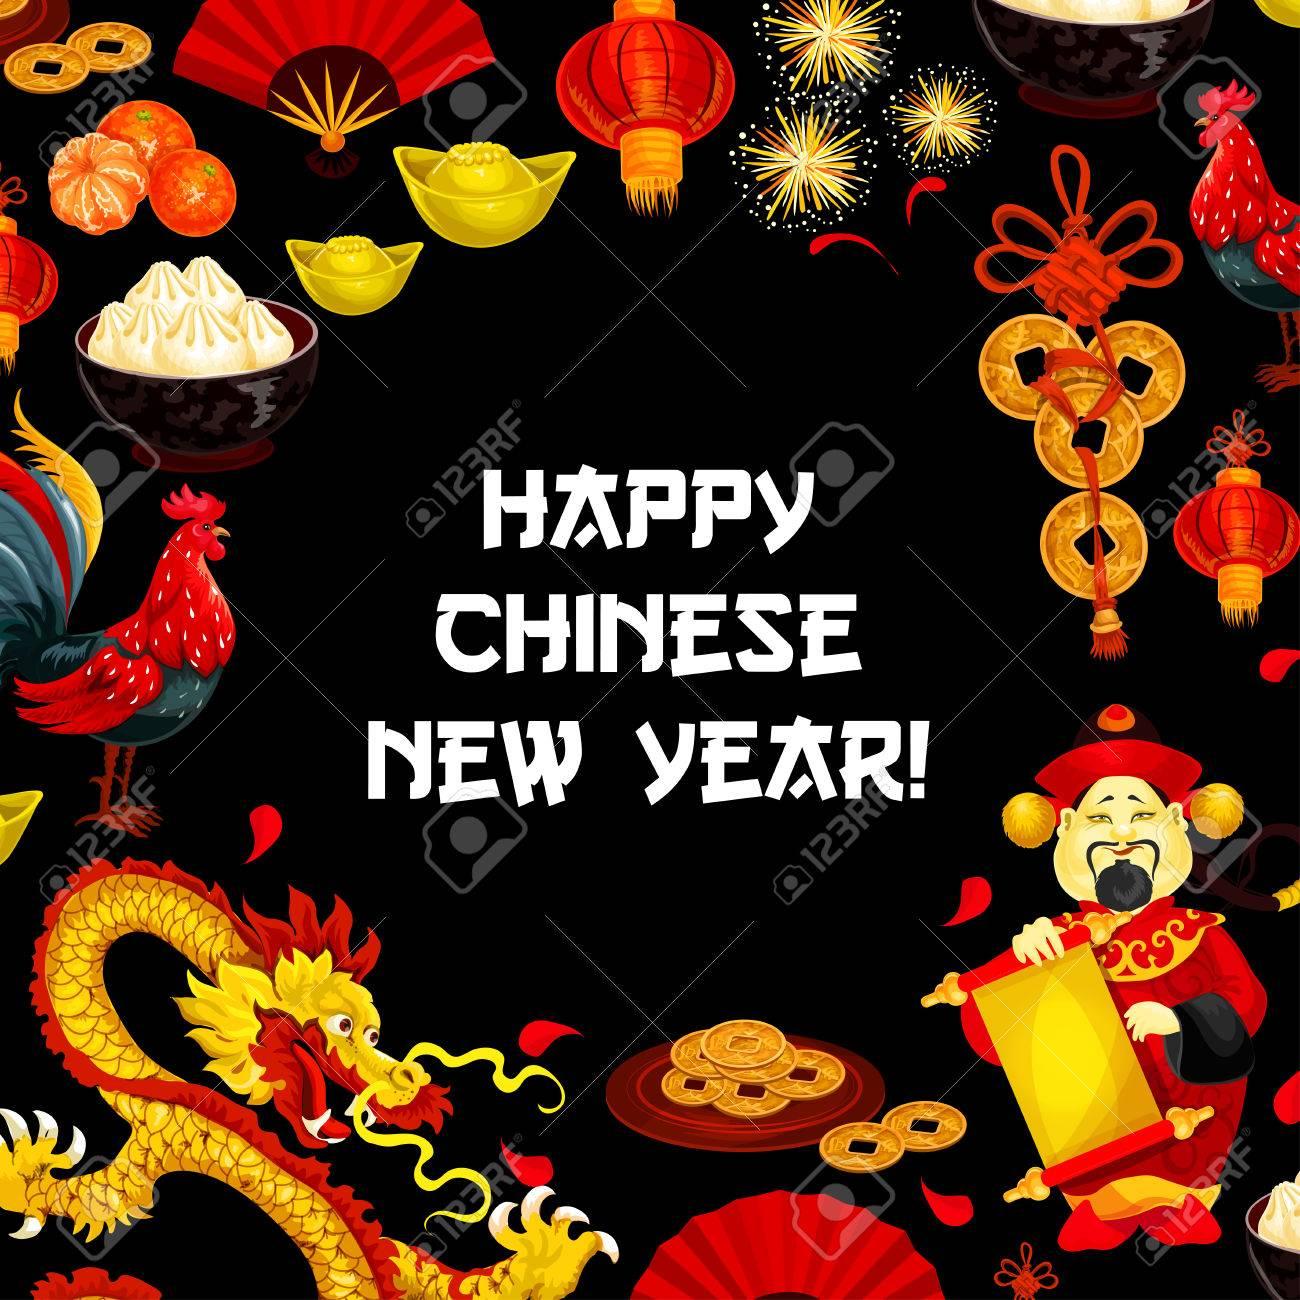 Chinese Lunar New Year Von Hahn Plakat. Roter Hahn, Papierlaterne ...